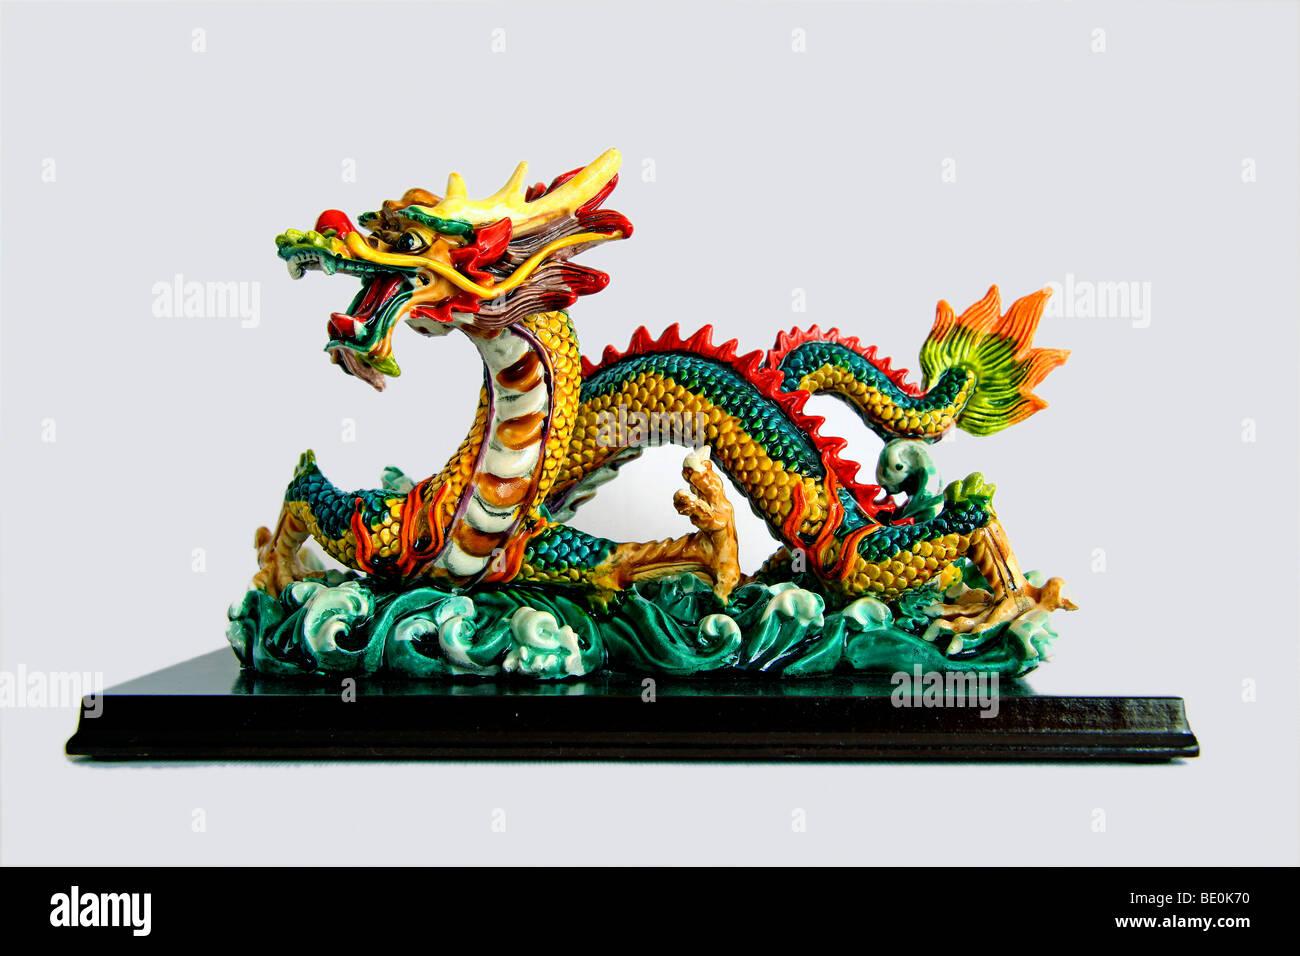 China Souvenirs Lookup Beforebuying